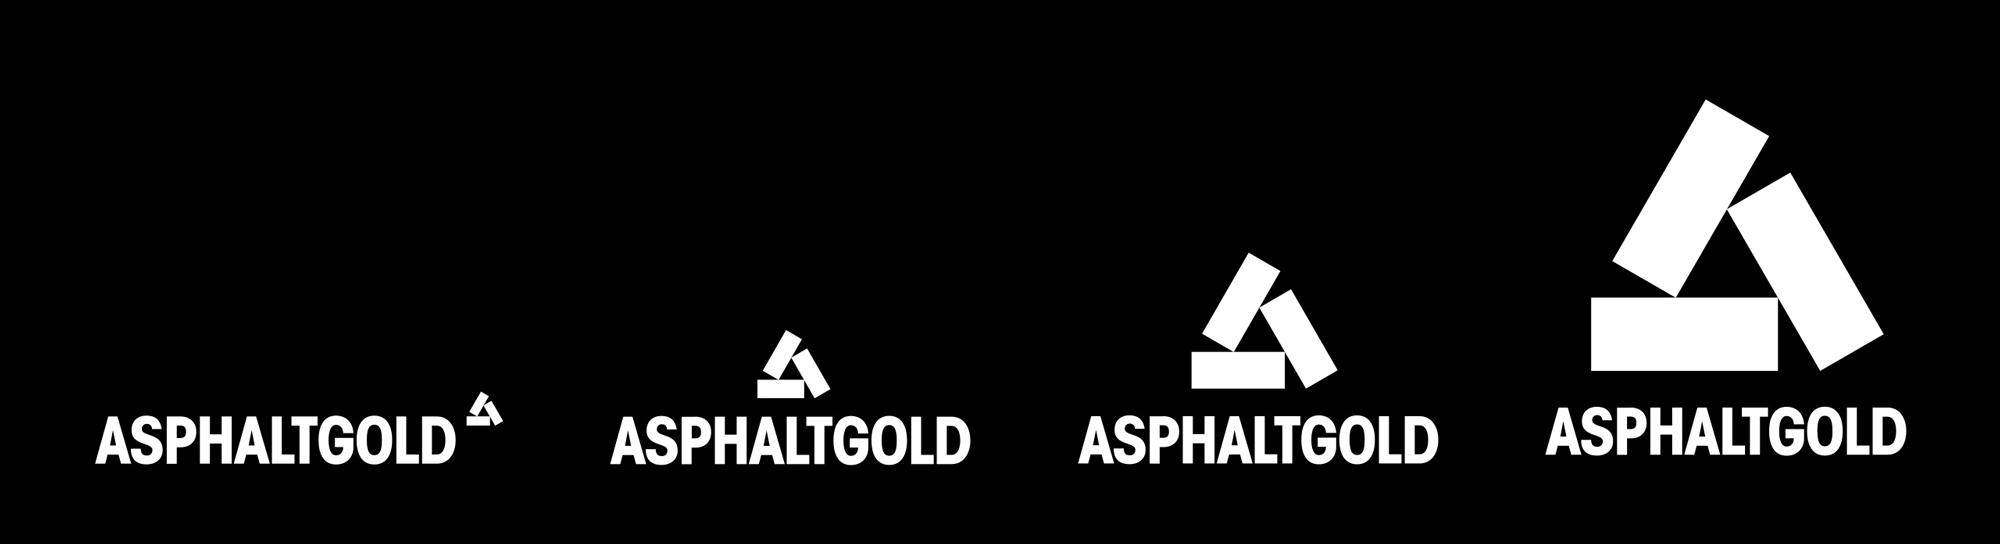 品牌VI設計公司發布Asphaltgold運動品牌企業全新的視覺形象設計-深圳VI設計2